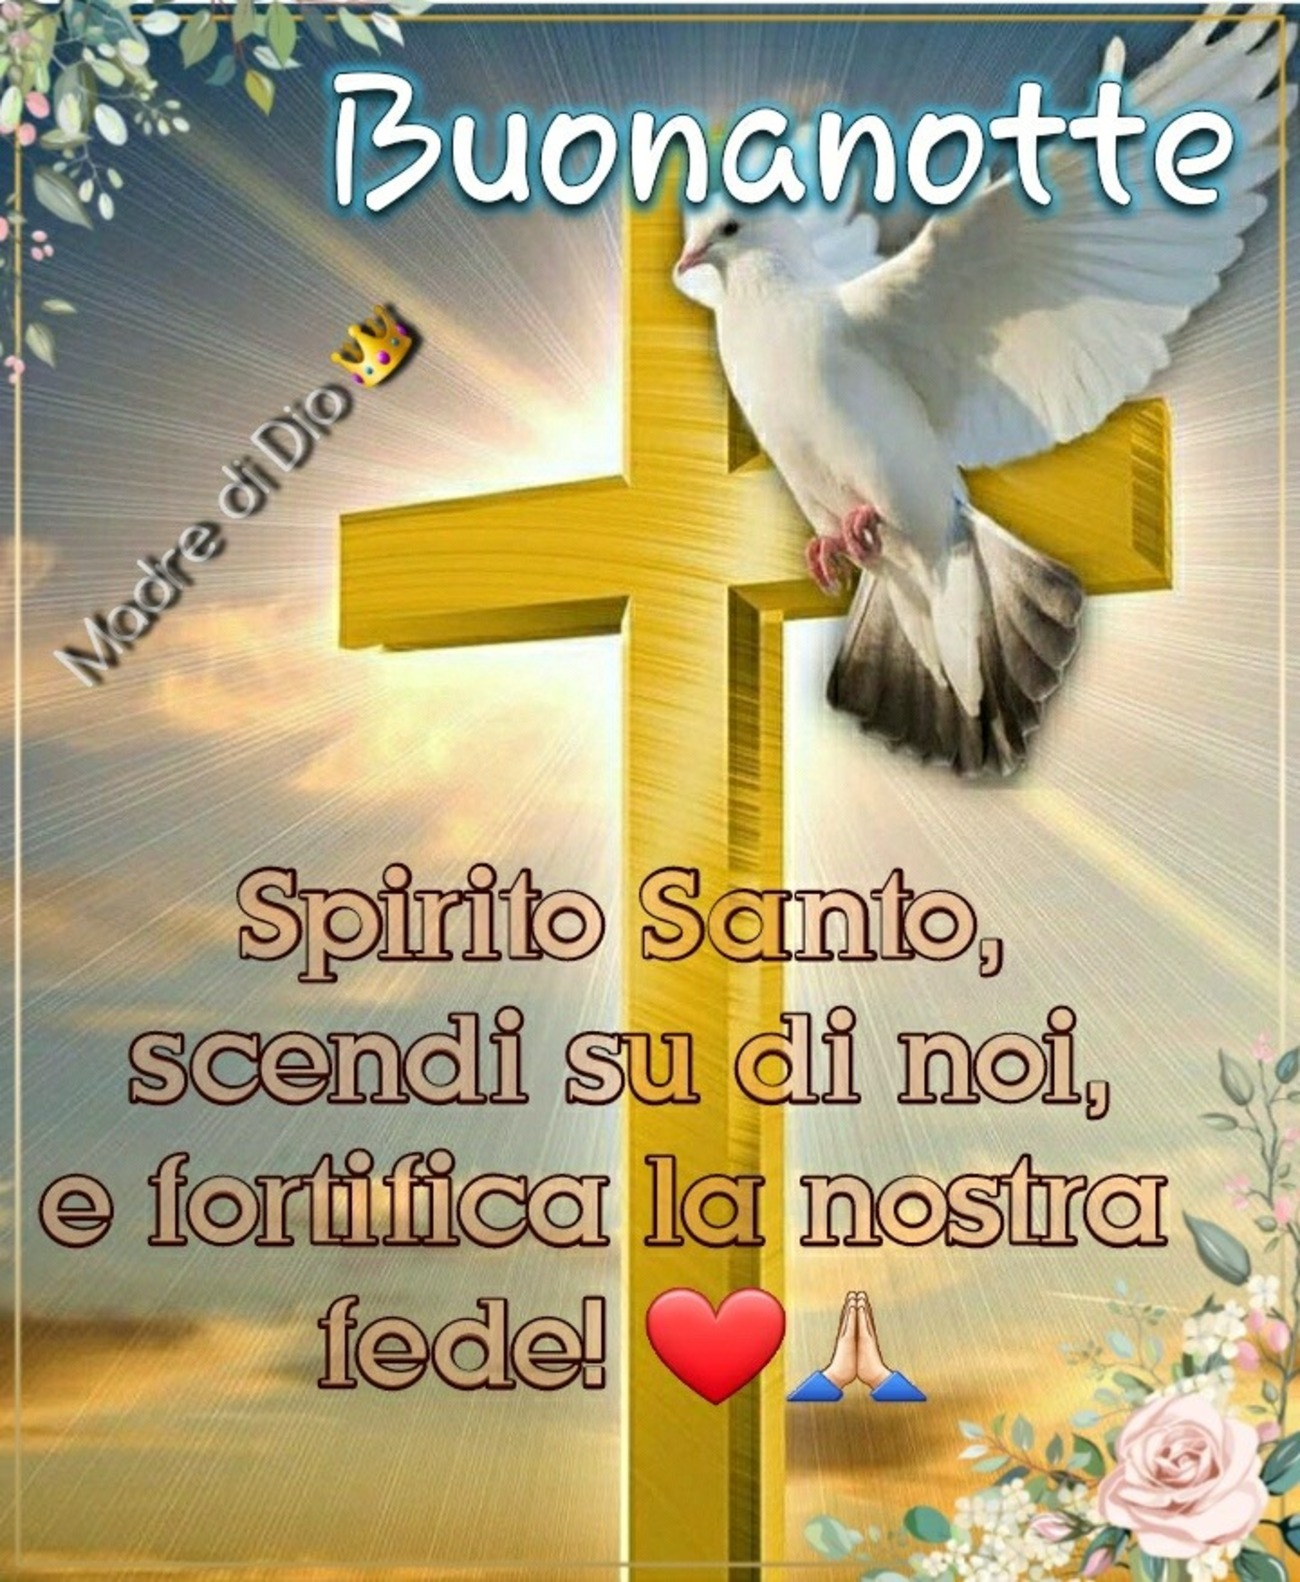 Immagini di buonanotte cristiane cattoliche per Facebook 6